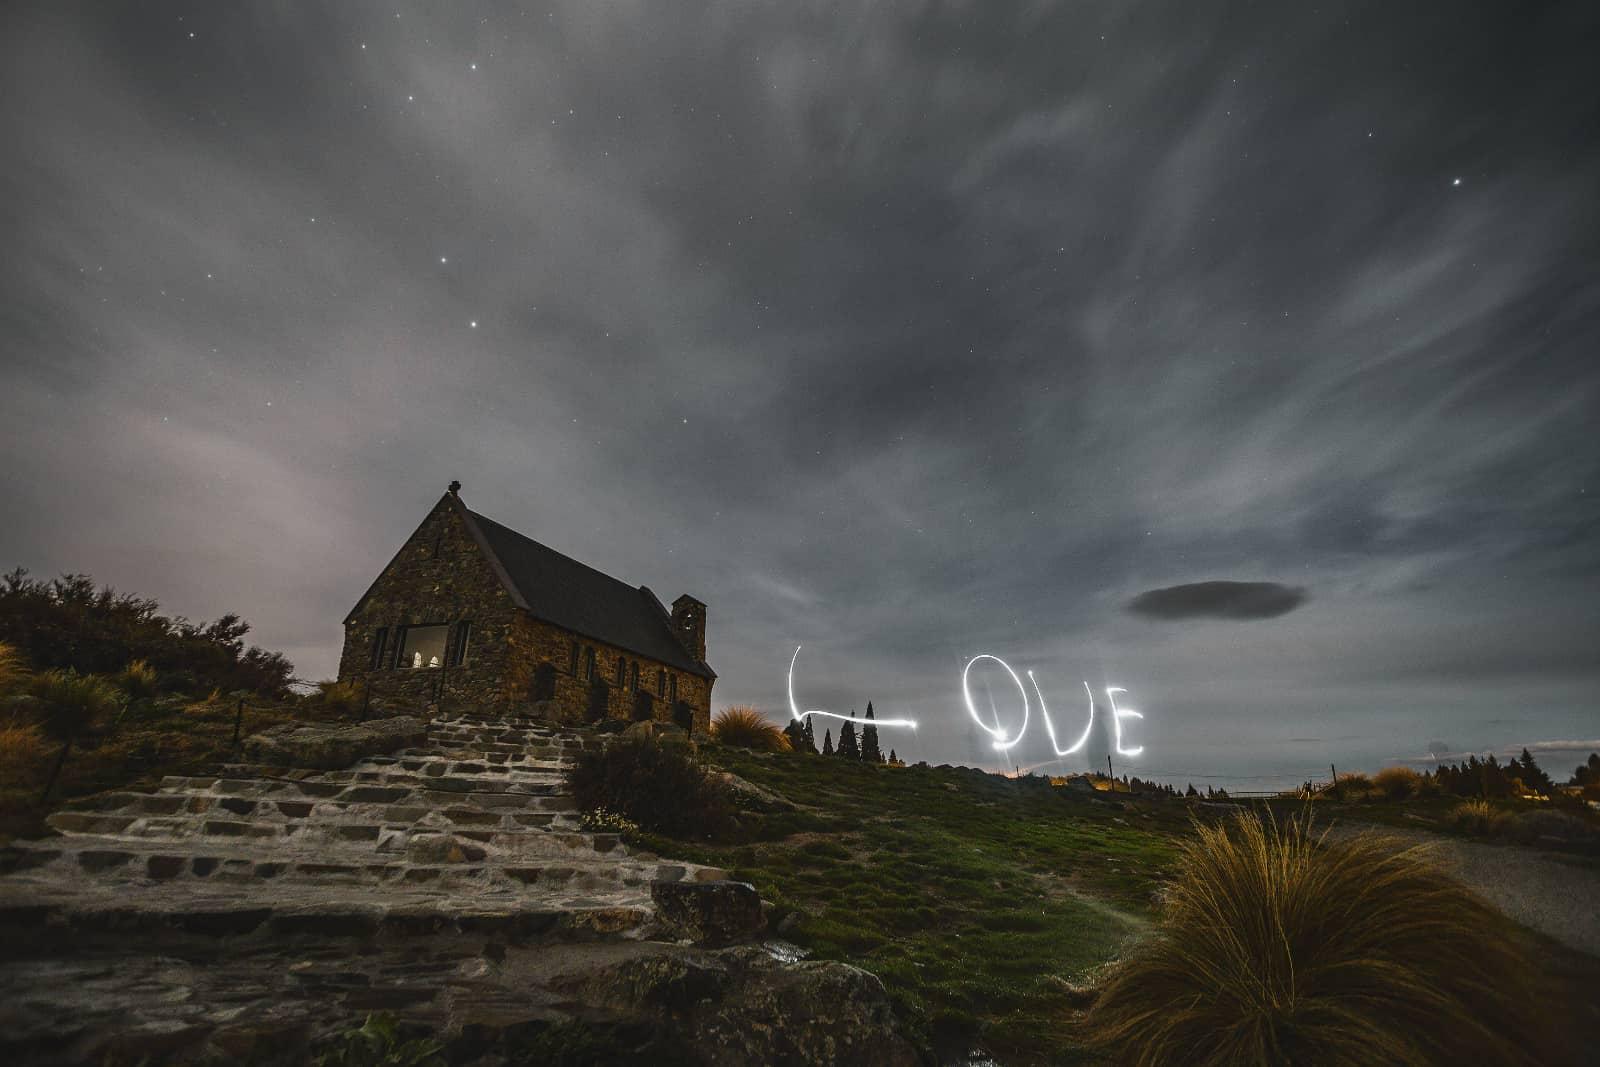 Lightpainting huis op heuvel met tekst Love in de lucht